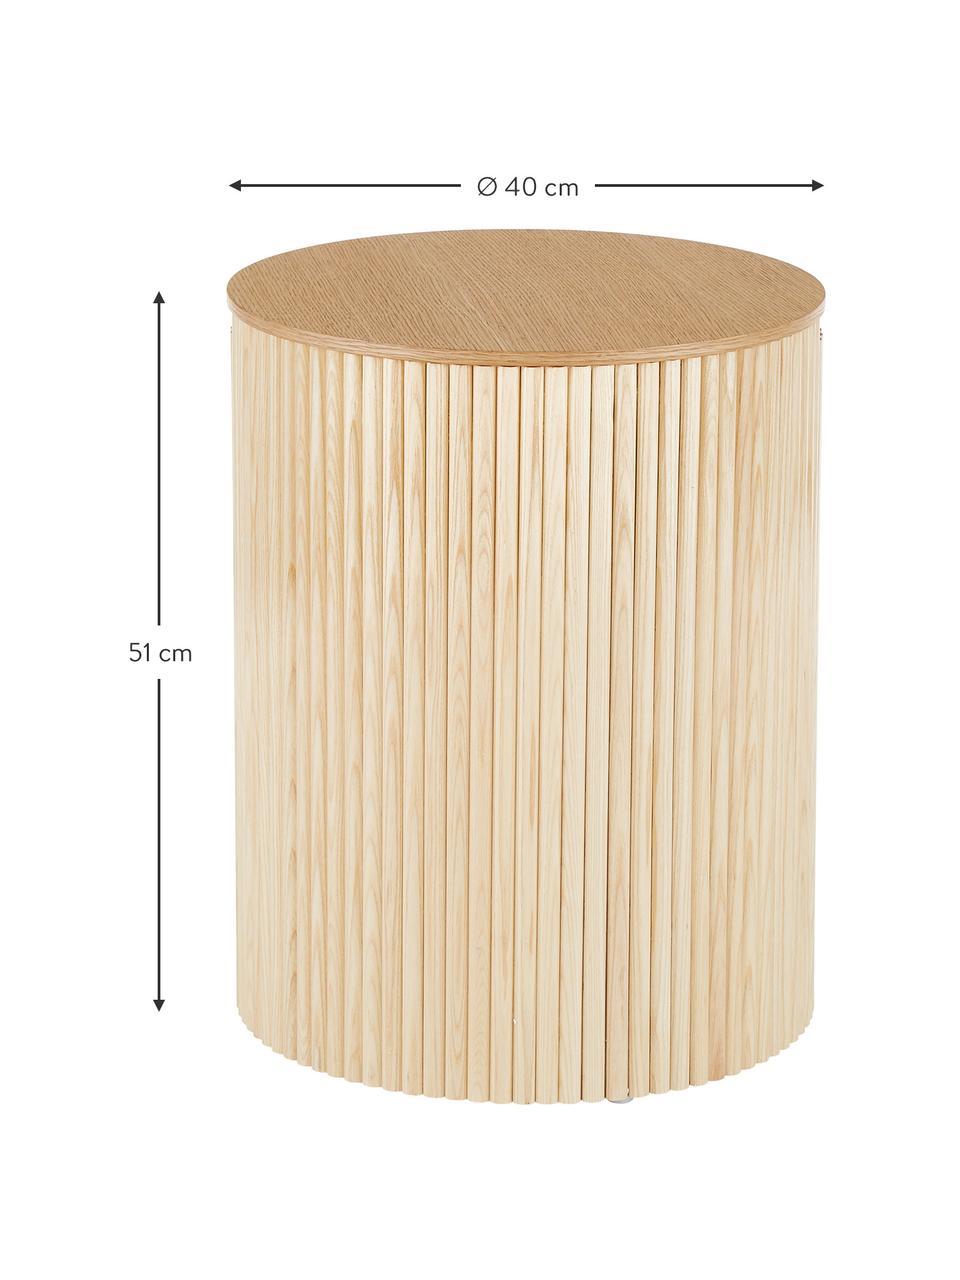 Houten bijzettafel Nele met opbergruimte, MDF met essenhoutfineer, Essenhoutfineer, Ø 40 x H 51 cm